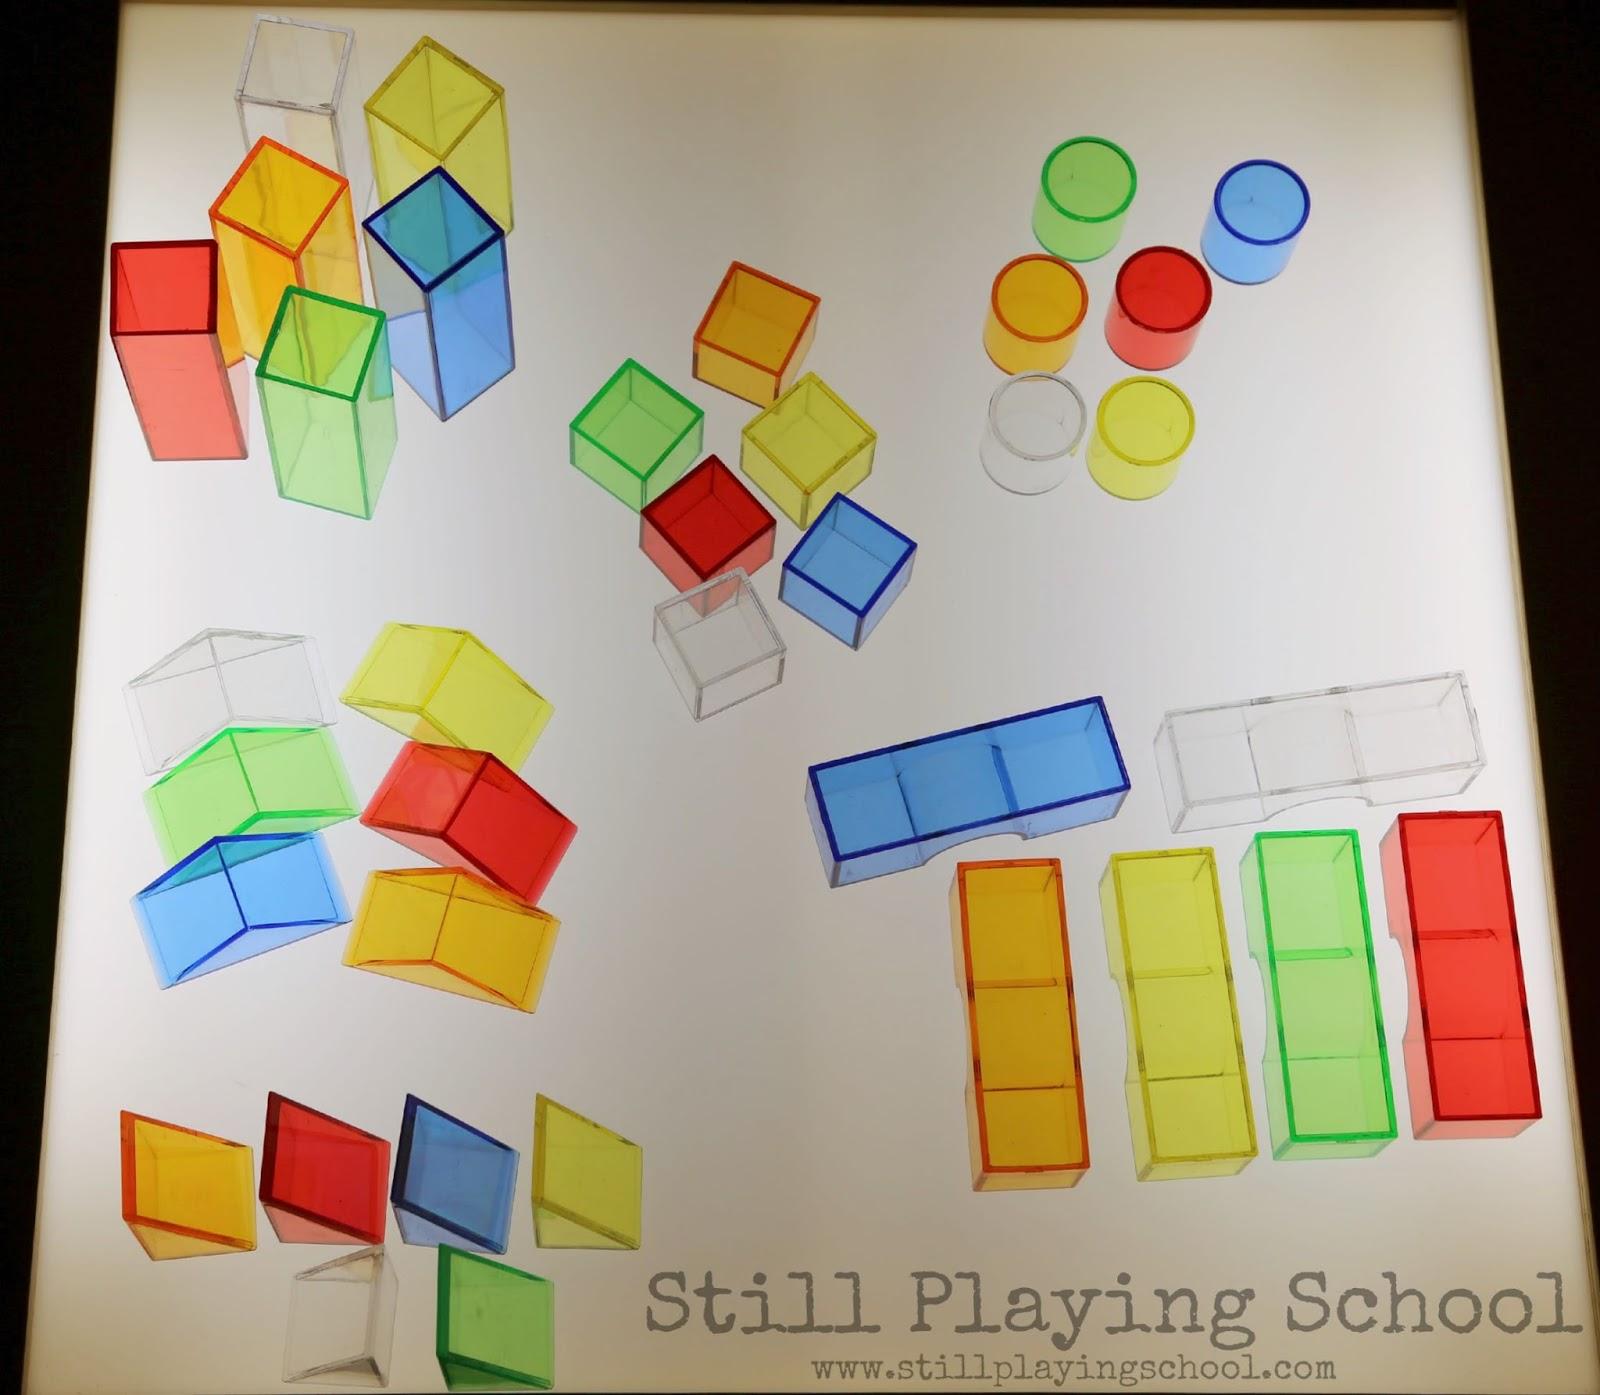 how to get past school blocks